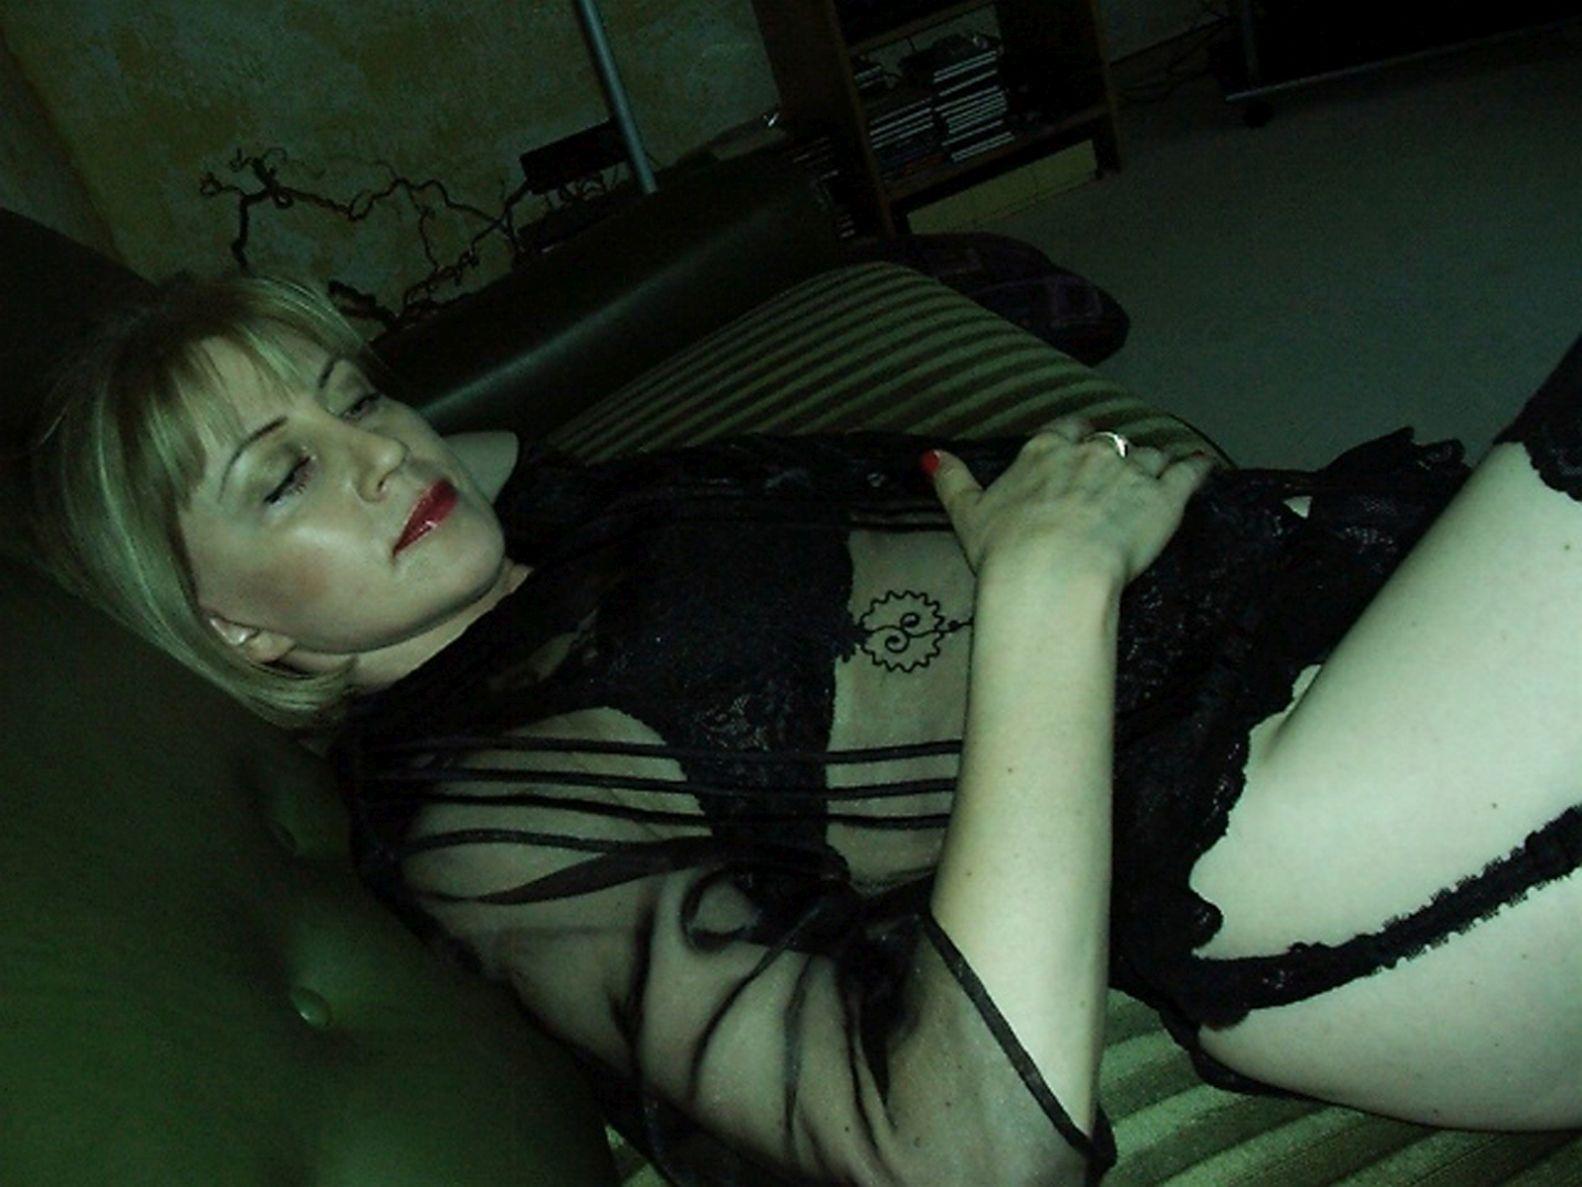 Sie sucht junge Sexbekanntschaft